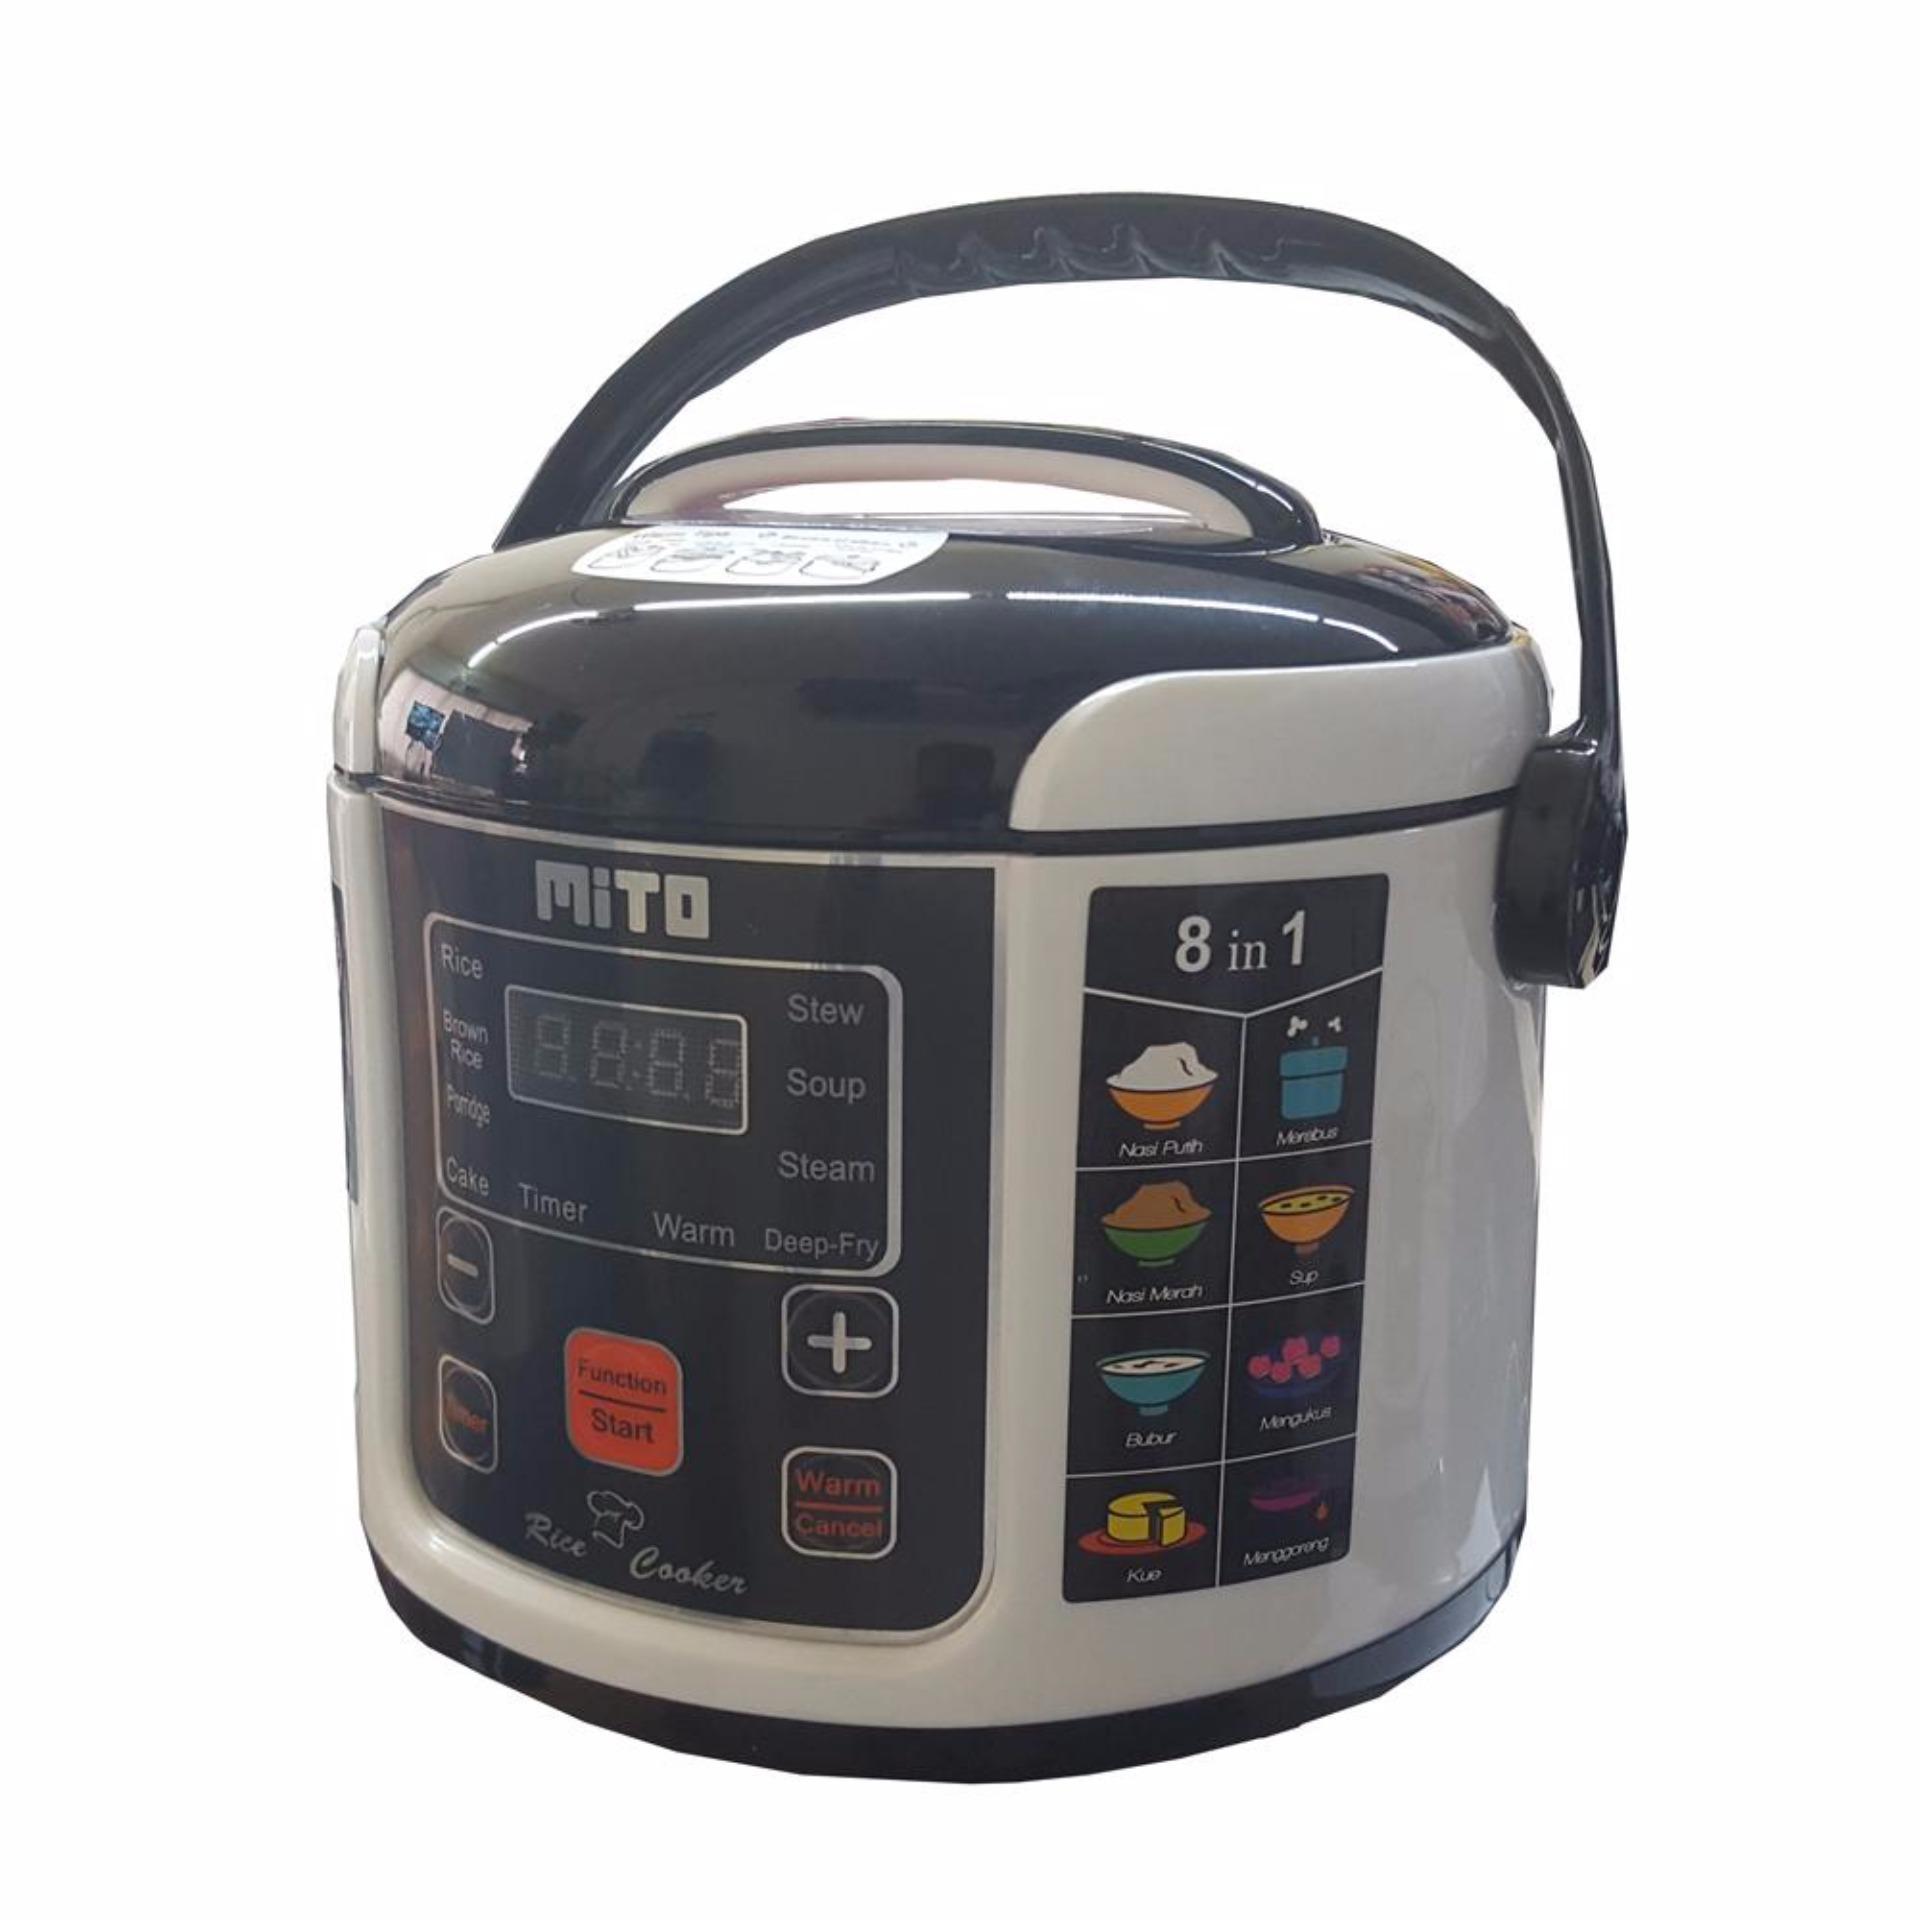 Mito digital rice cooker 1L 8in1/magic com mito .